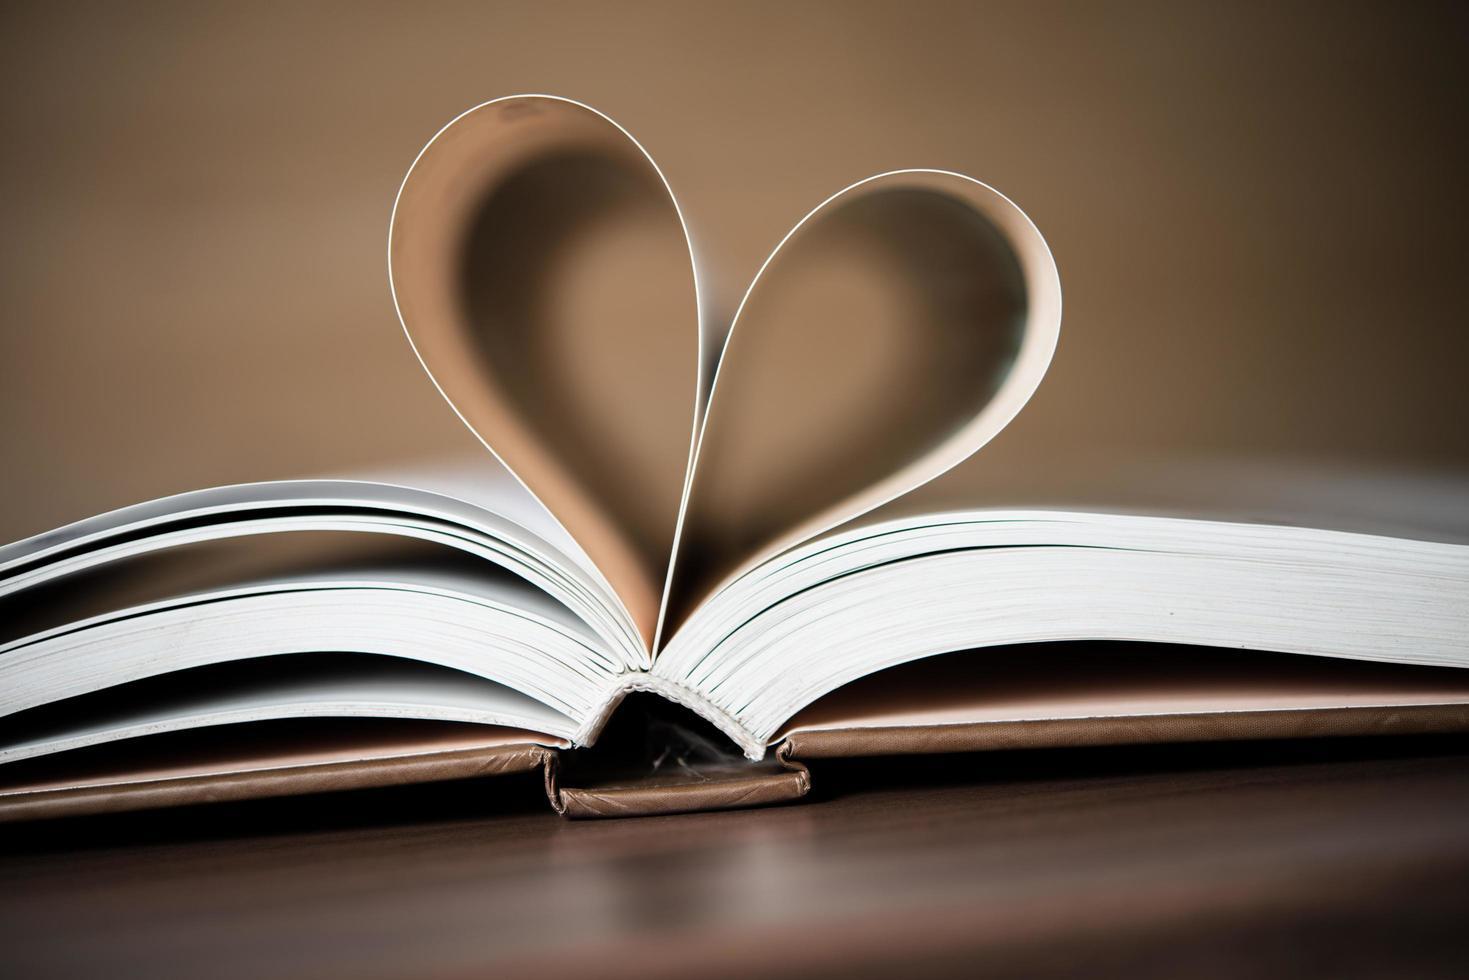 les pages d'un livre ont la forme d'un cœur photo